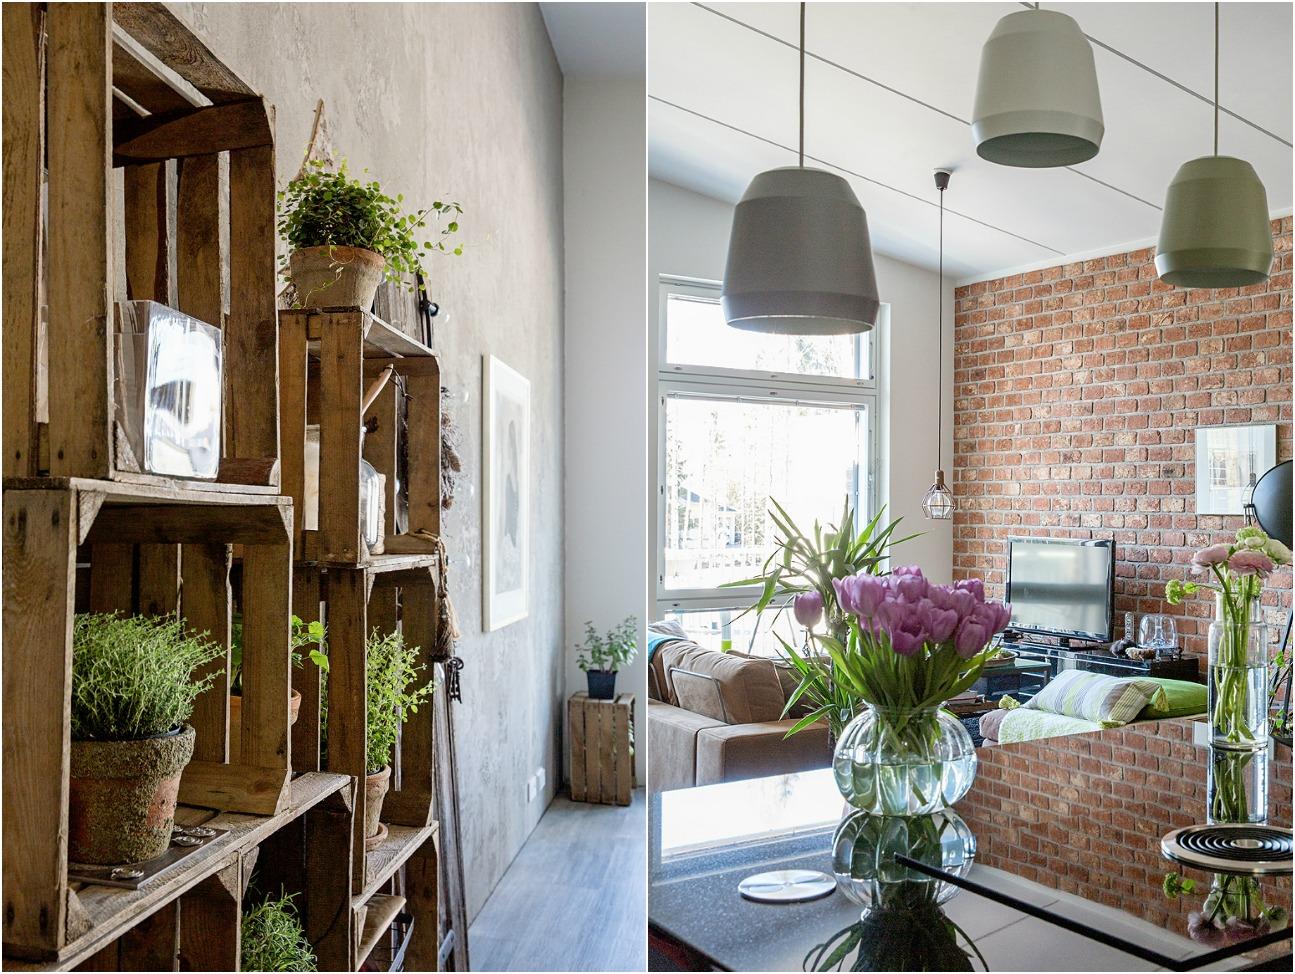 EKE-loft, loft, loft-asuminen, sisustus, sisustaminen, Eke-Rakennus, loft-asunto, lofti, persoonallinen sisustus, Frida Steiner valokuvaaja, Frida S Visuals, photography, interiör